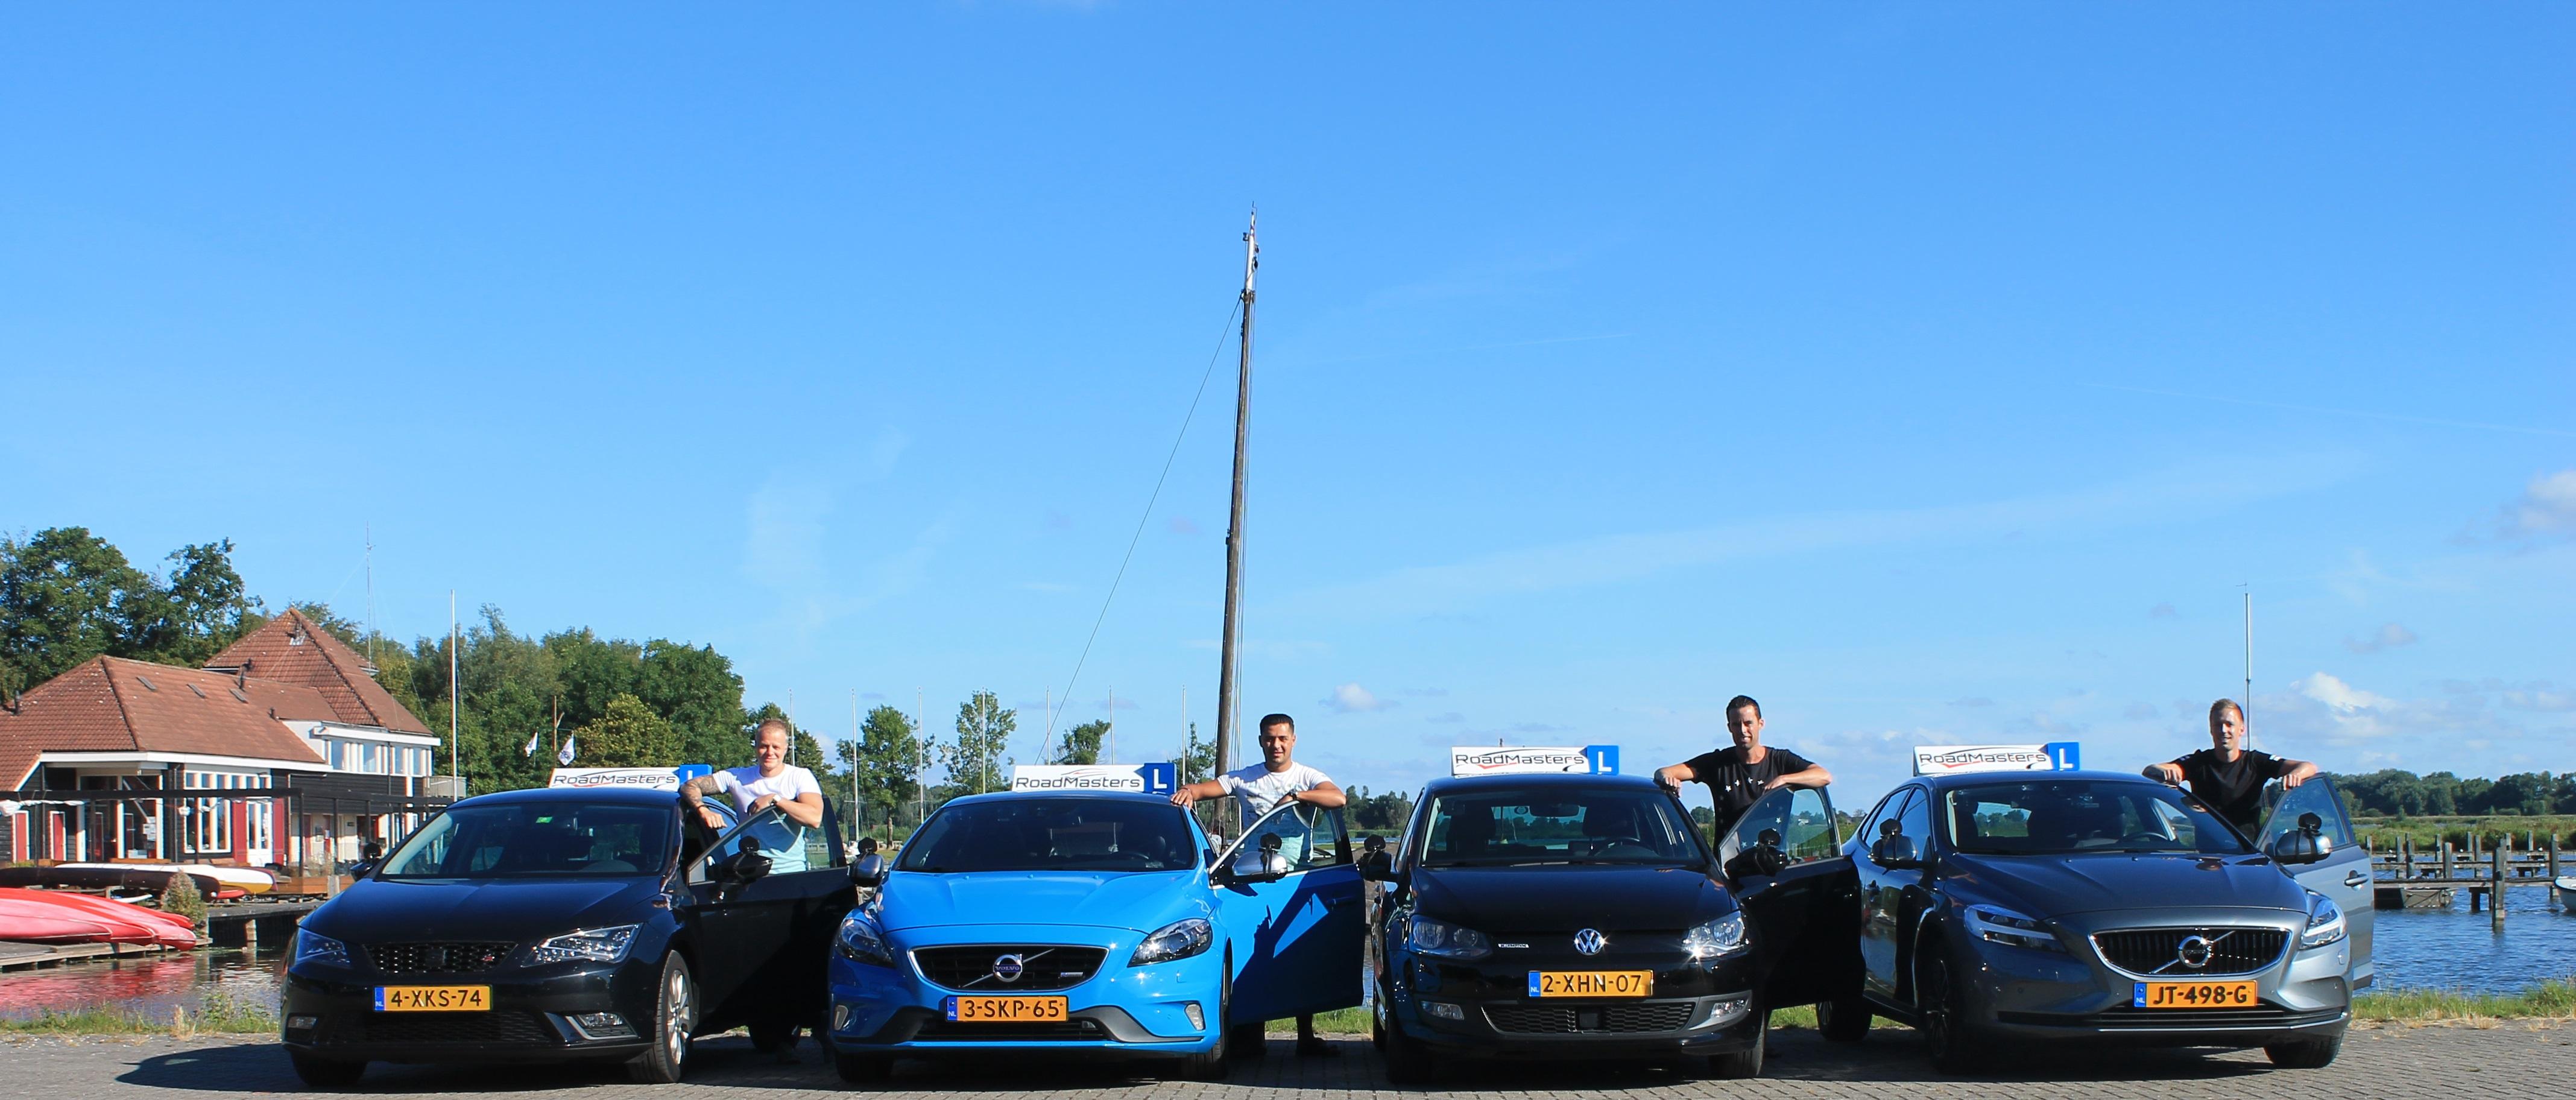 Actie proefles bij Roadmasters Zaanstad